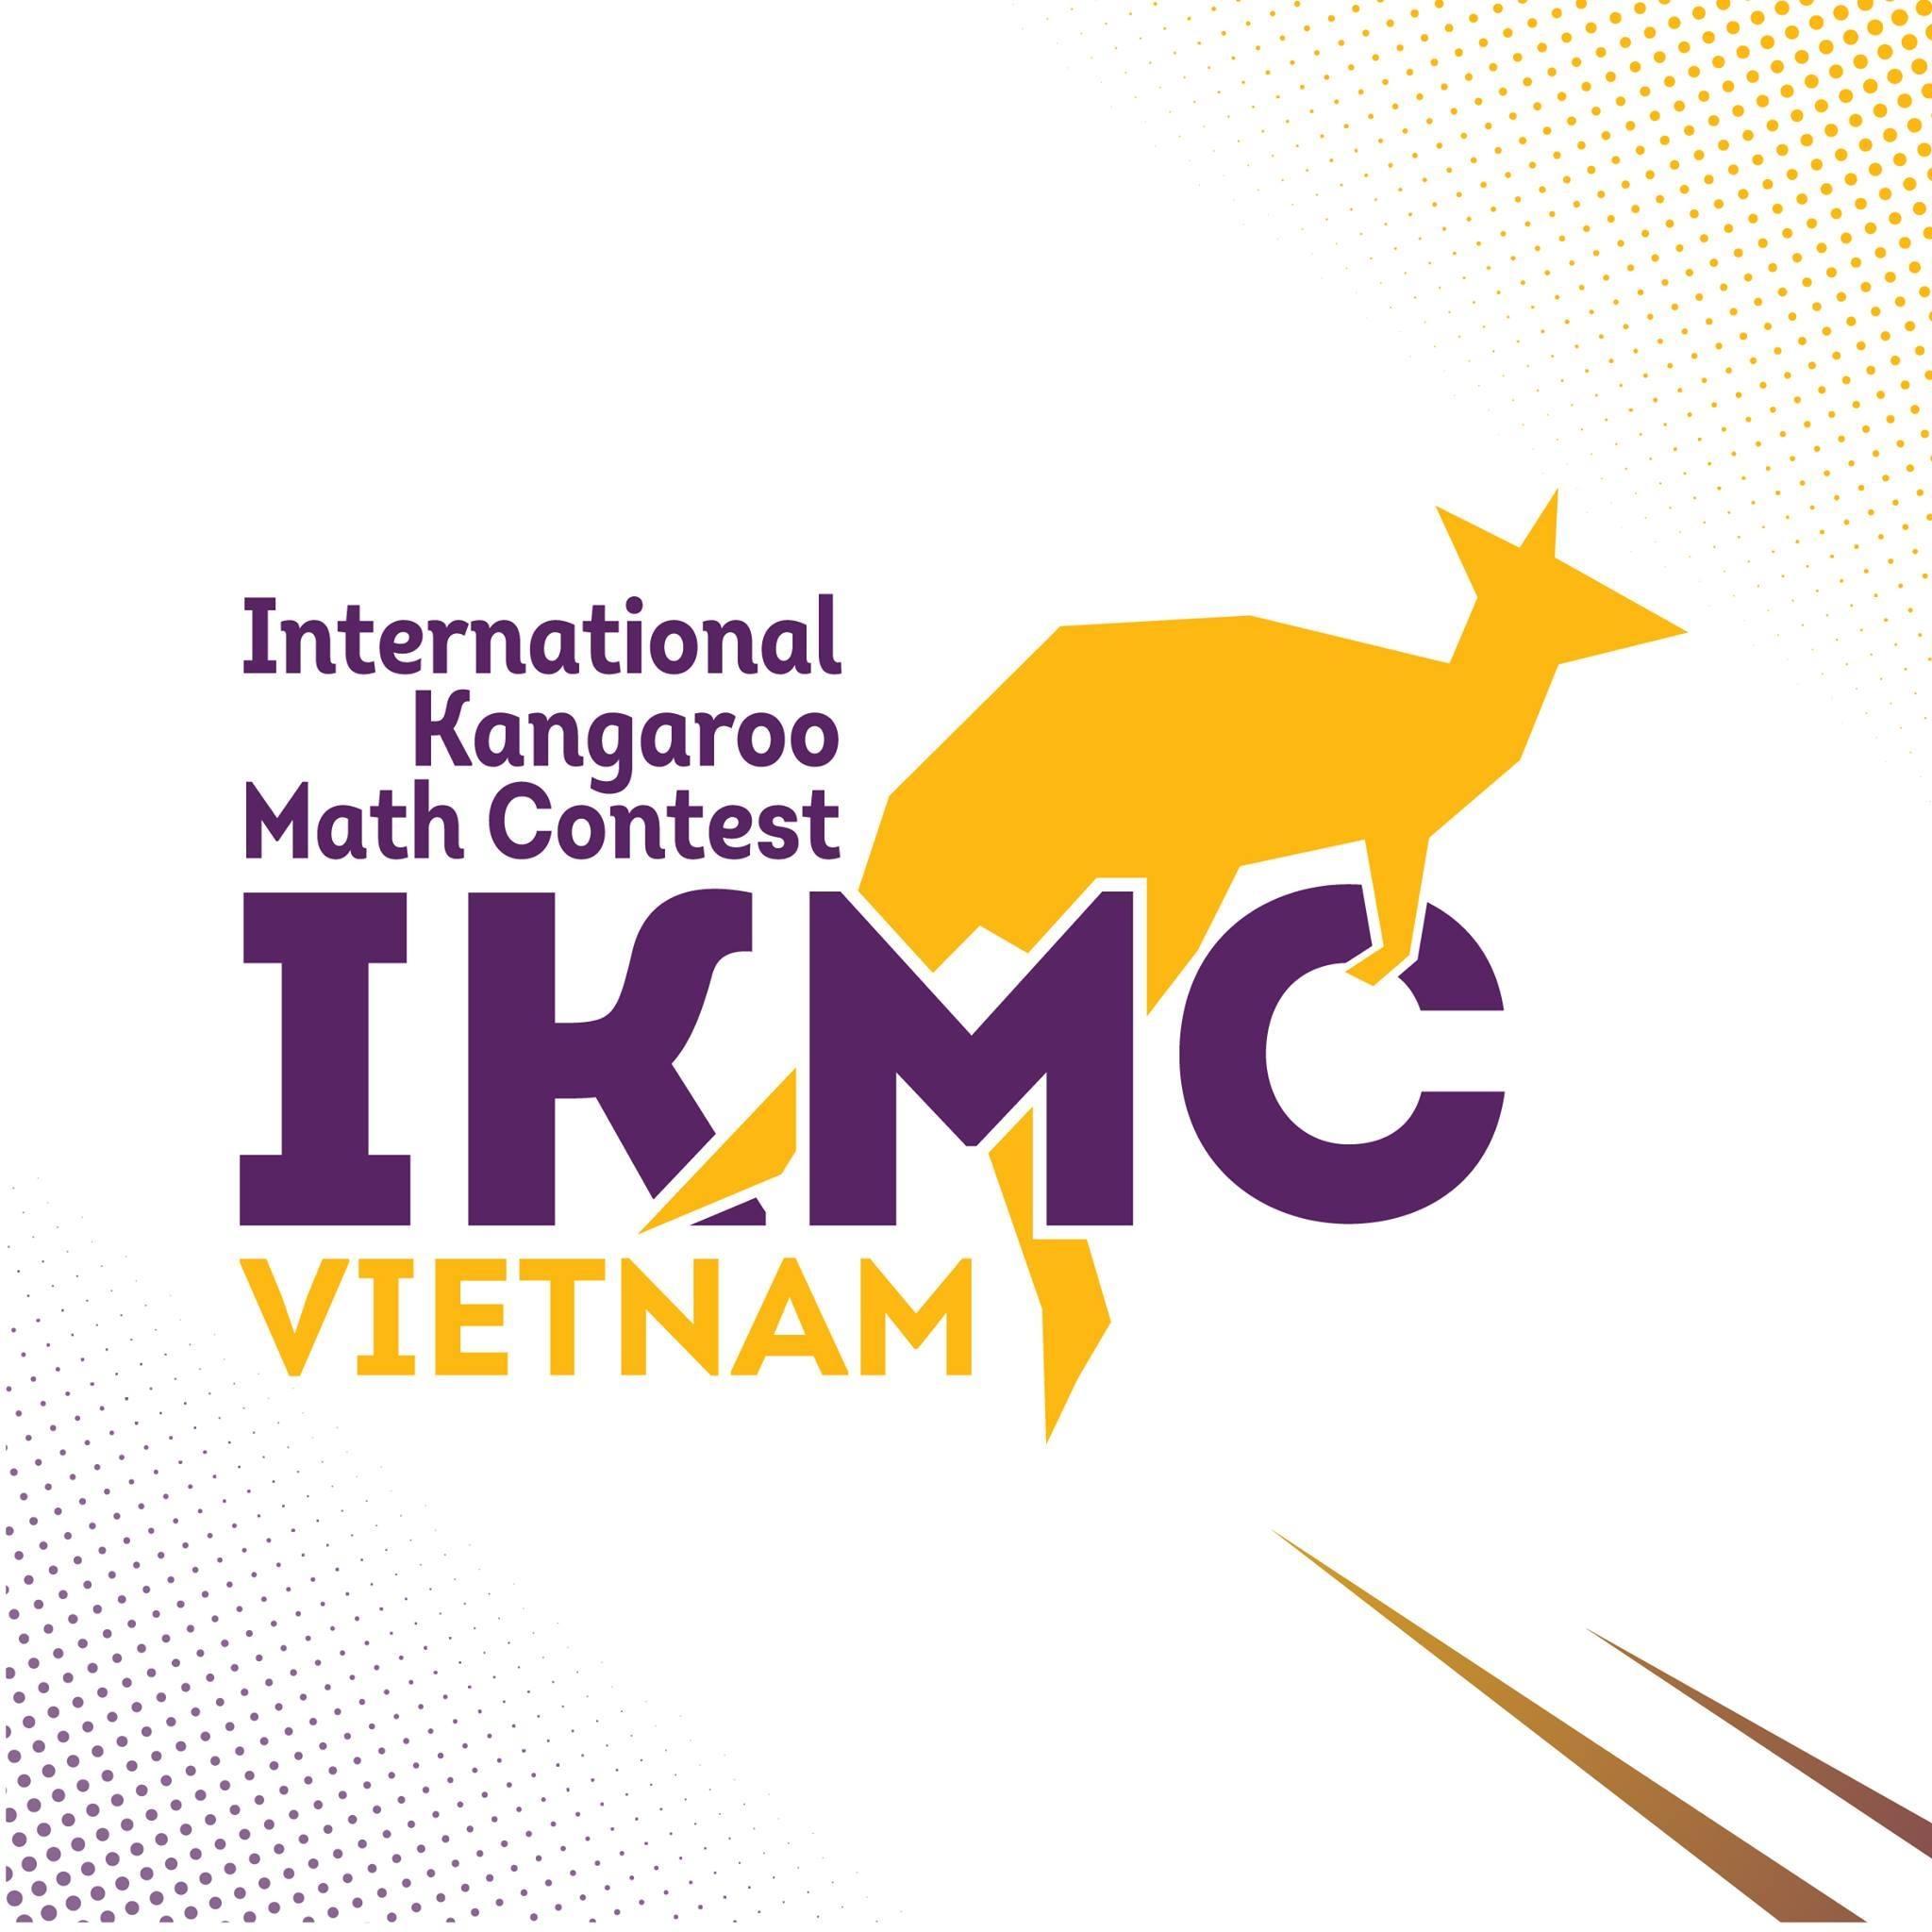 100 HỌC SINH CLB MATHSPACE ĐẠT GIẢI TRONG KỲ THI IKMC 2019